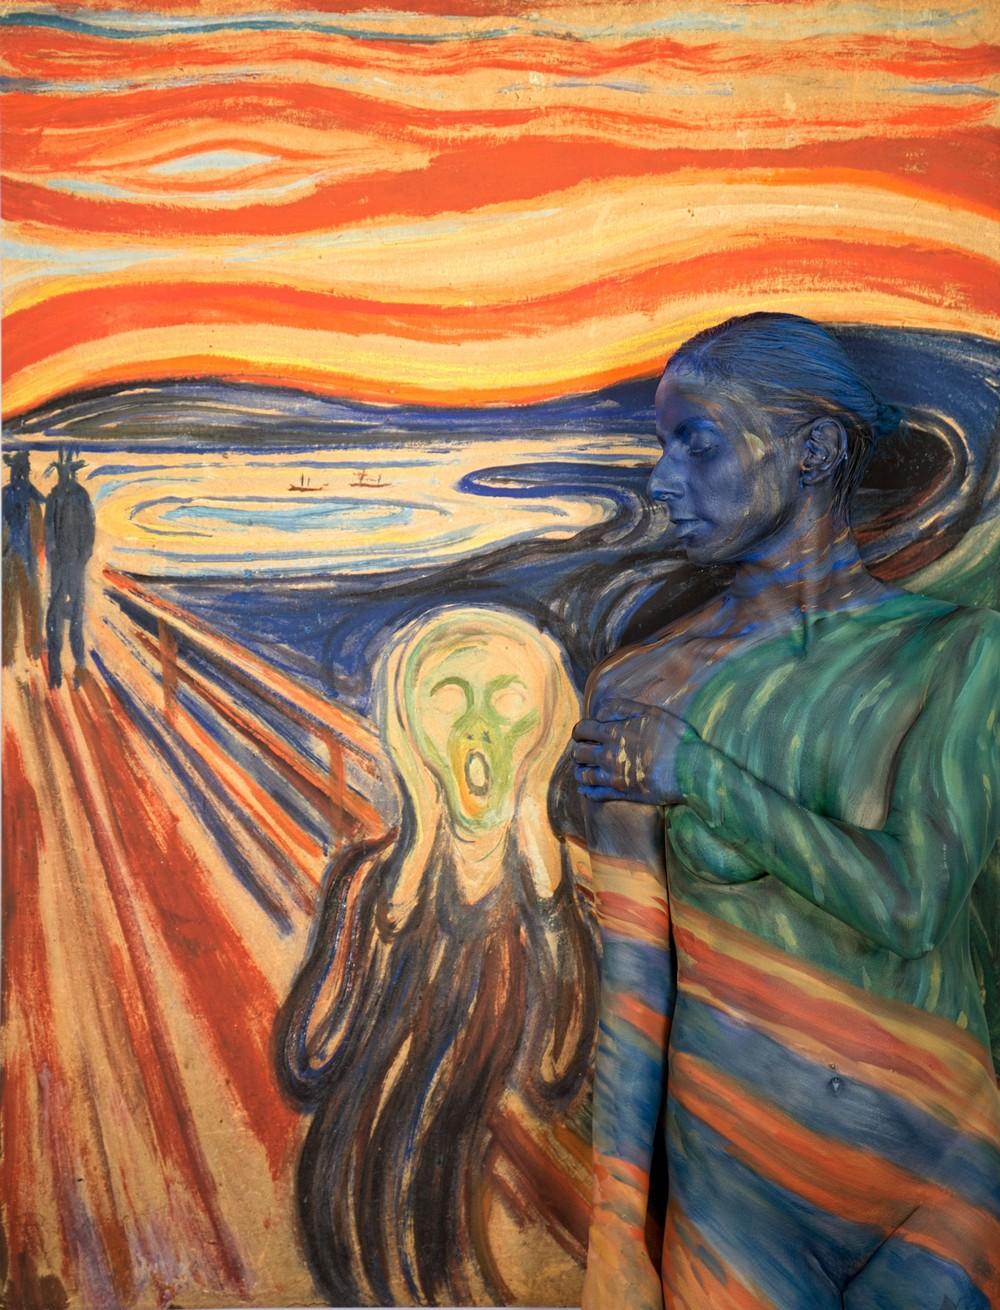 Обнаженные тела на фоне самых дорогих произведений искусства